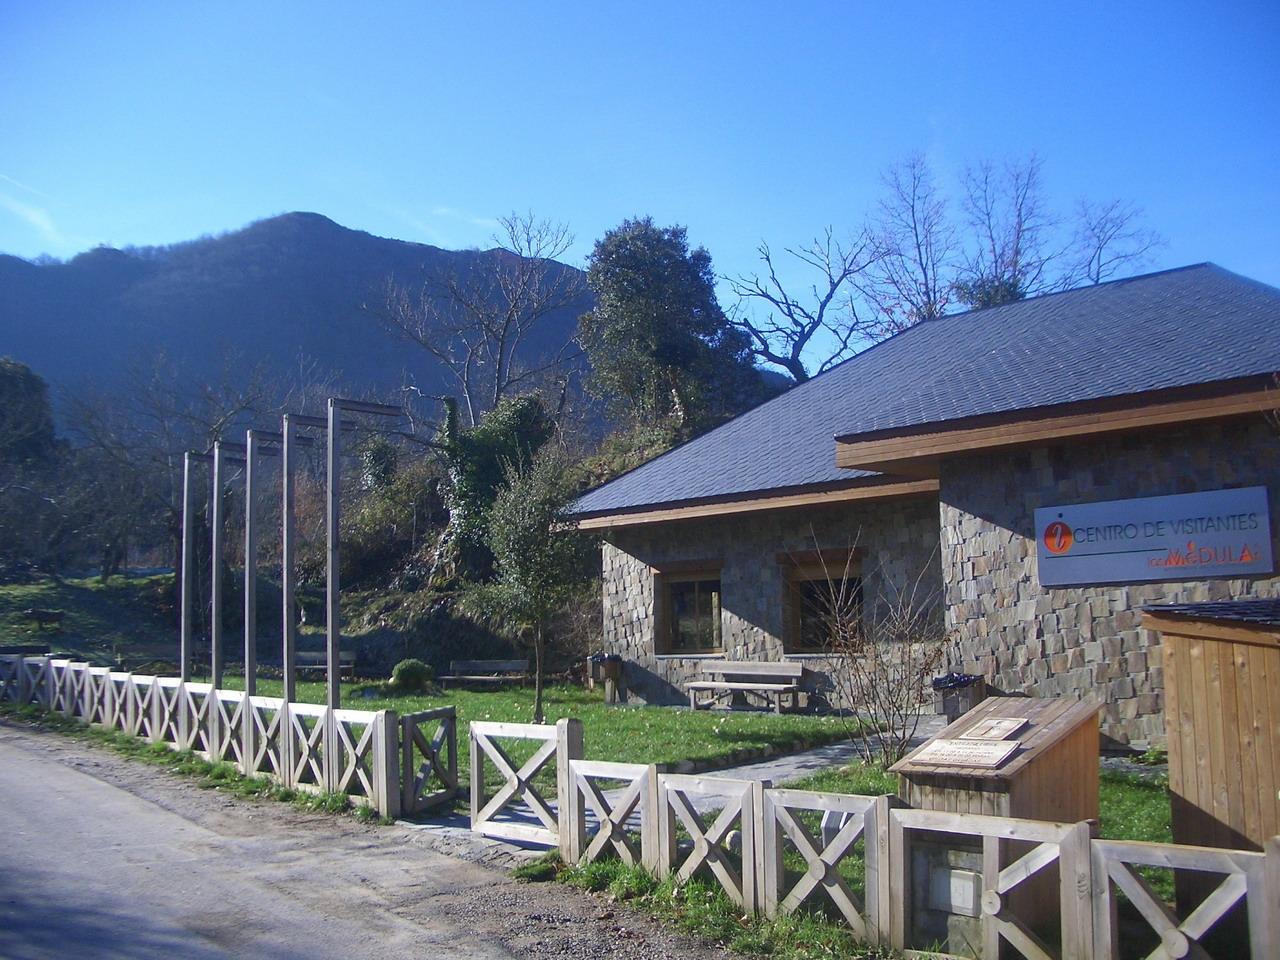 Centro de recepci n de visitantes de las m dulas portal for Oficina turismo castilla y leon